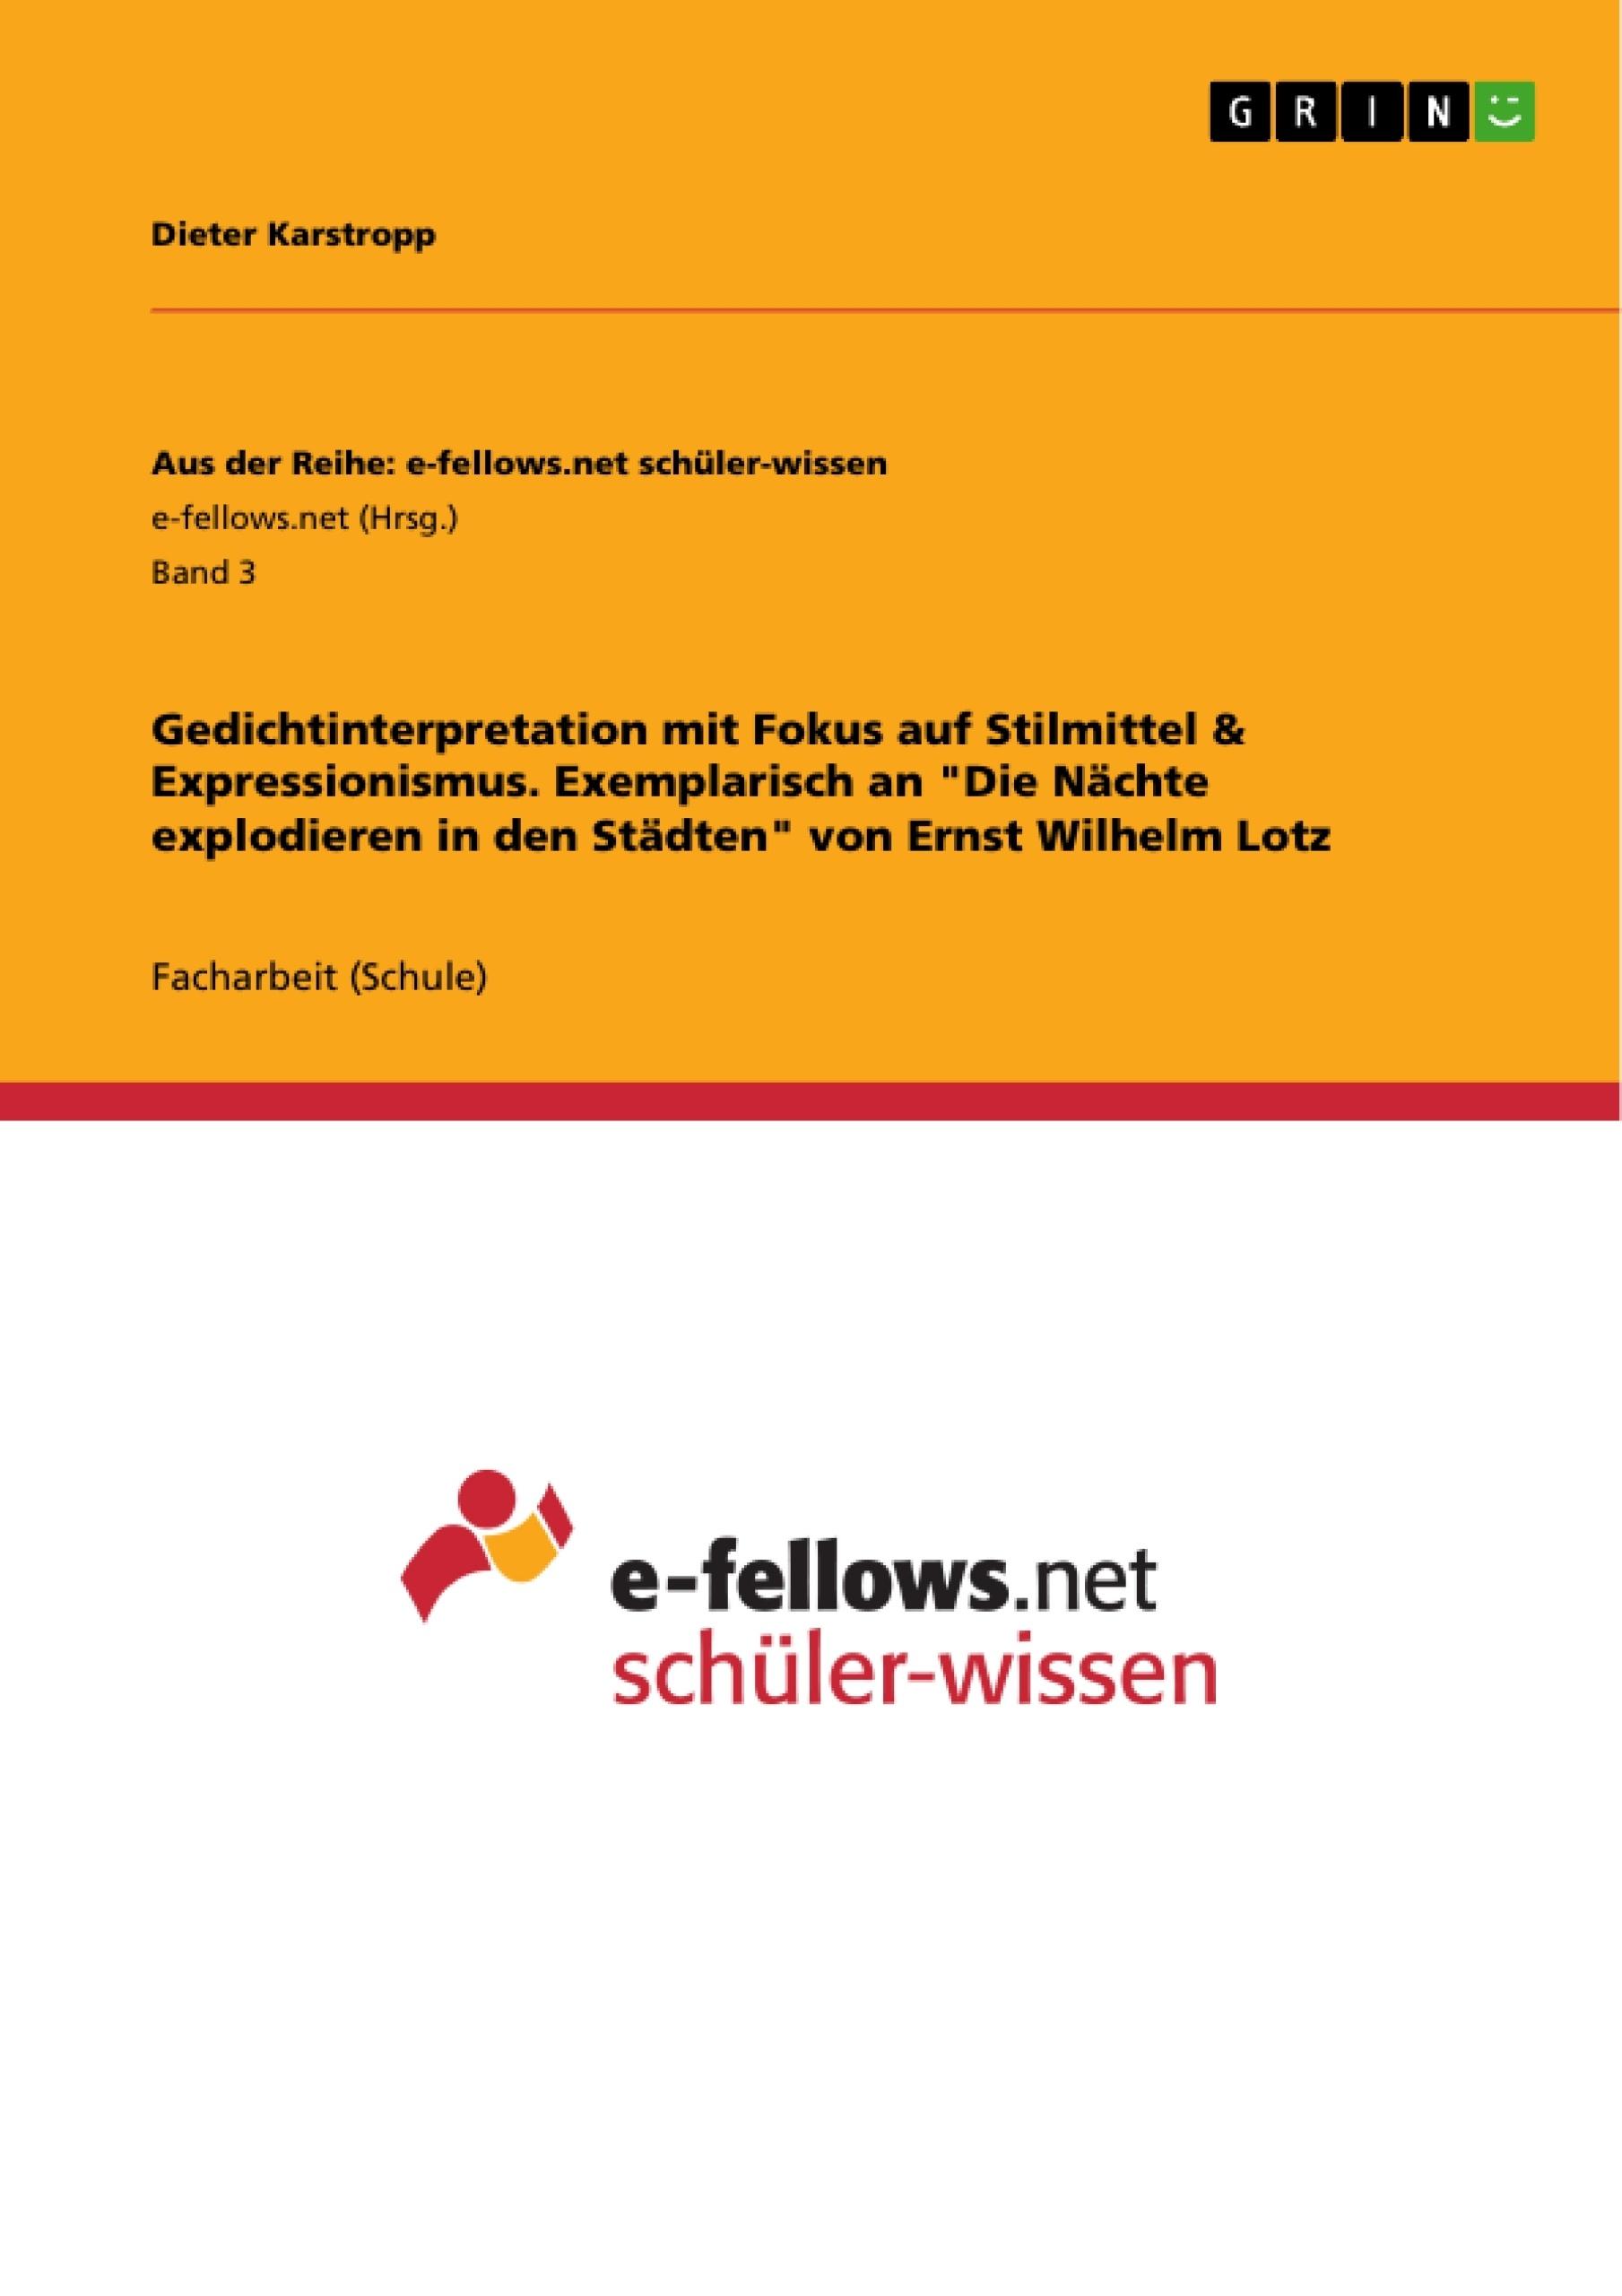 """Titel: Gedichtinterpretation mit Fokus auf Stilmittel & Expressionismus. Exemplarisch an """"Die Nächte explodieren in den Städten"""" von Ernst Wilhelm Lotz"""